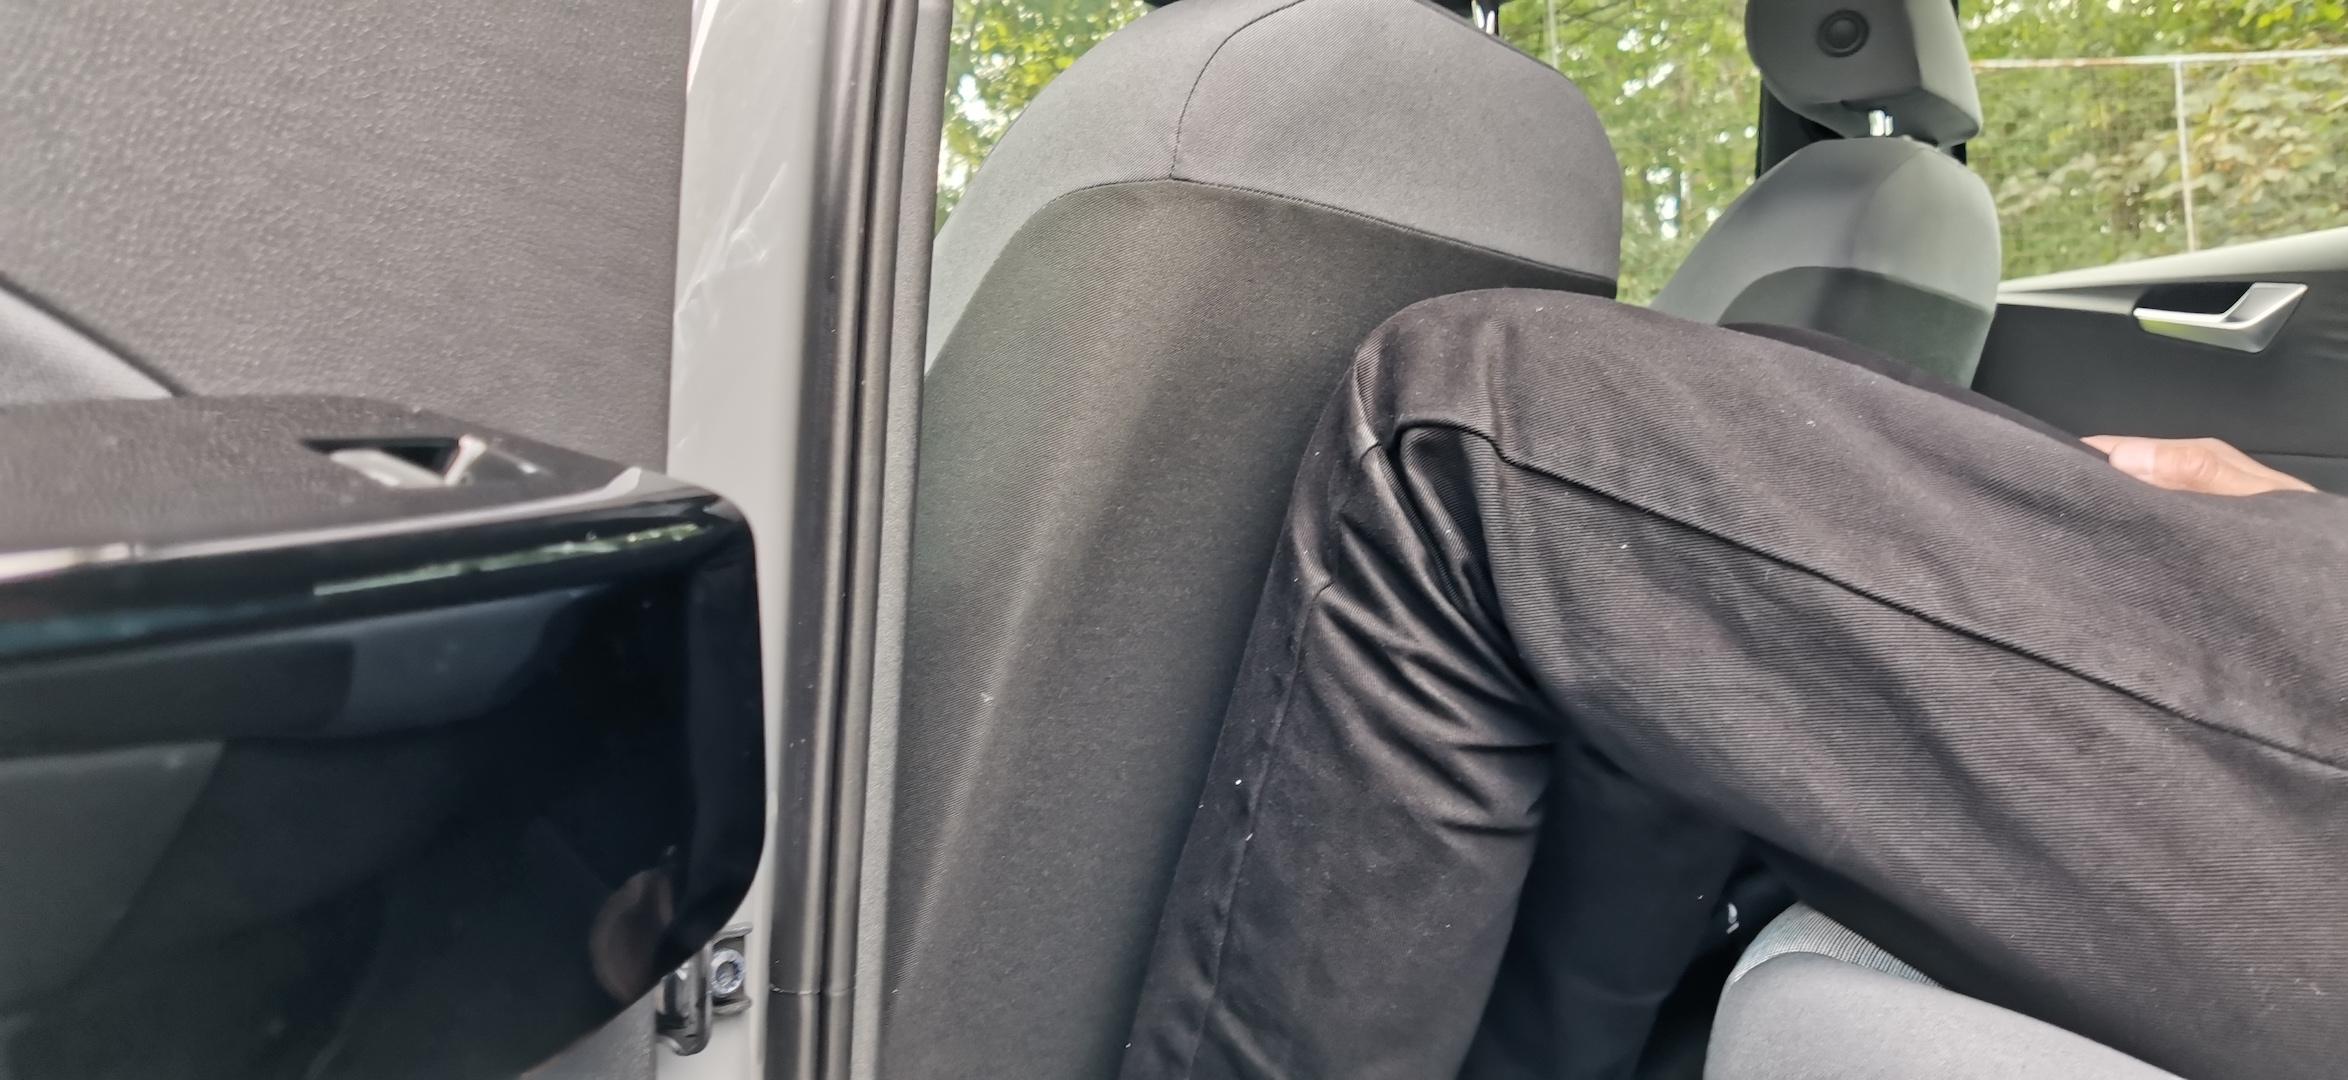 Volkswagen ID.3 - prostor na zadních sedačkách